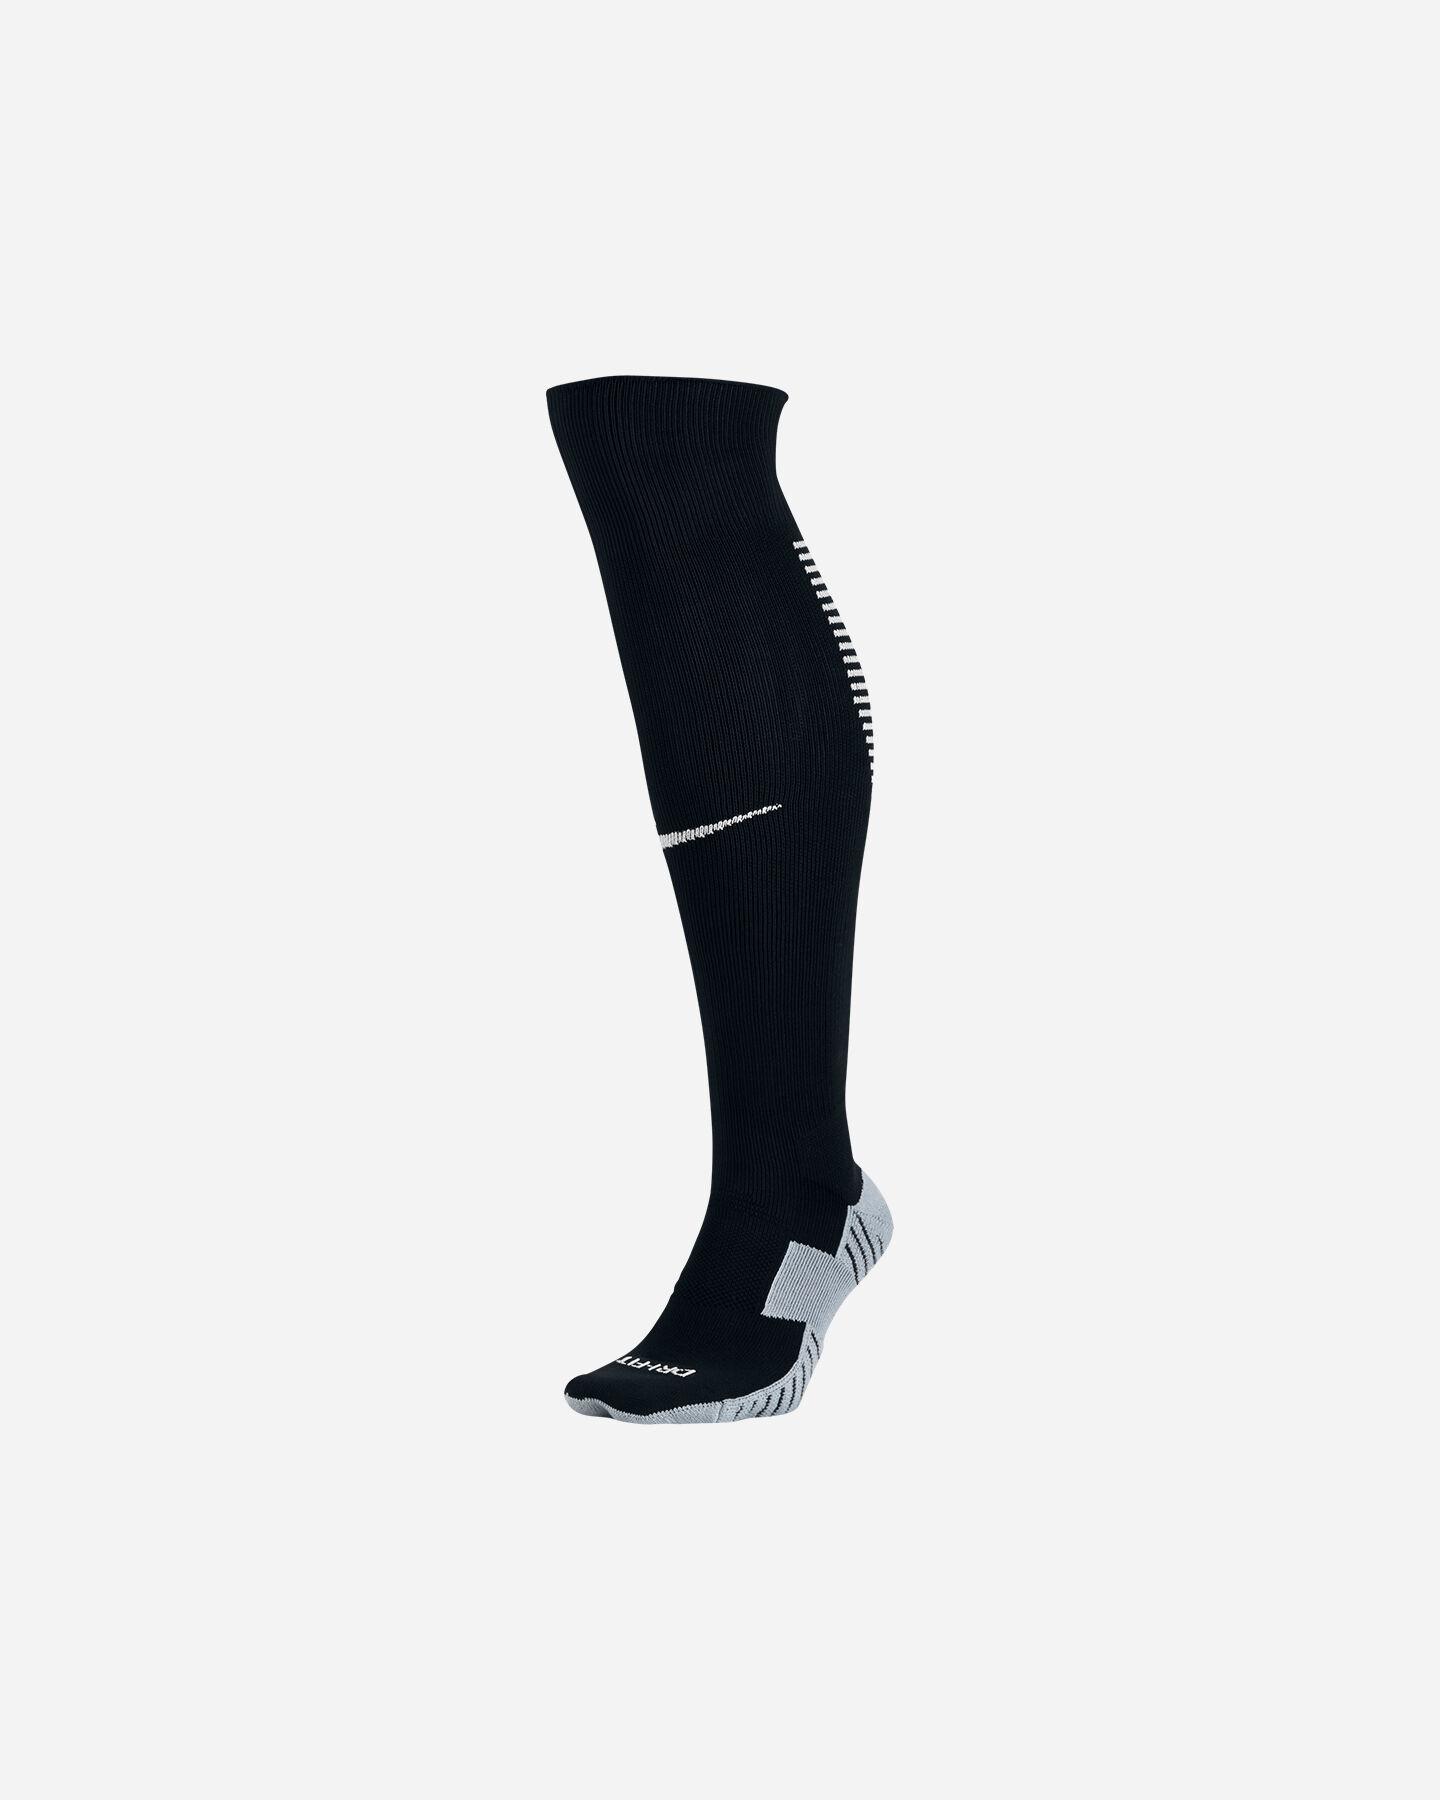 Nike Uomo scarpe e abbigliamento su Cisalfa Sport